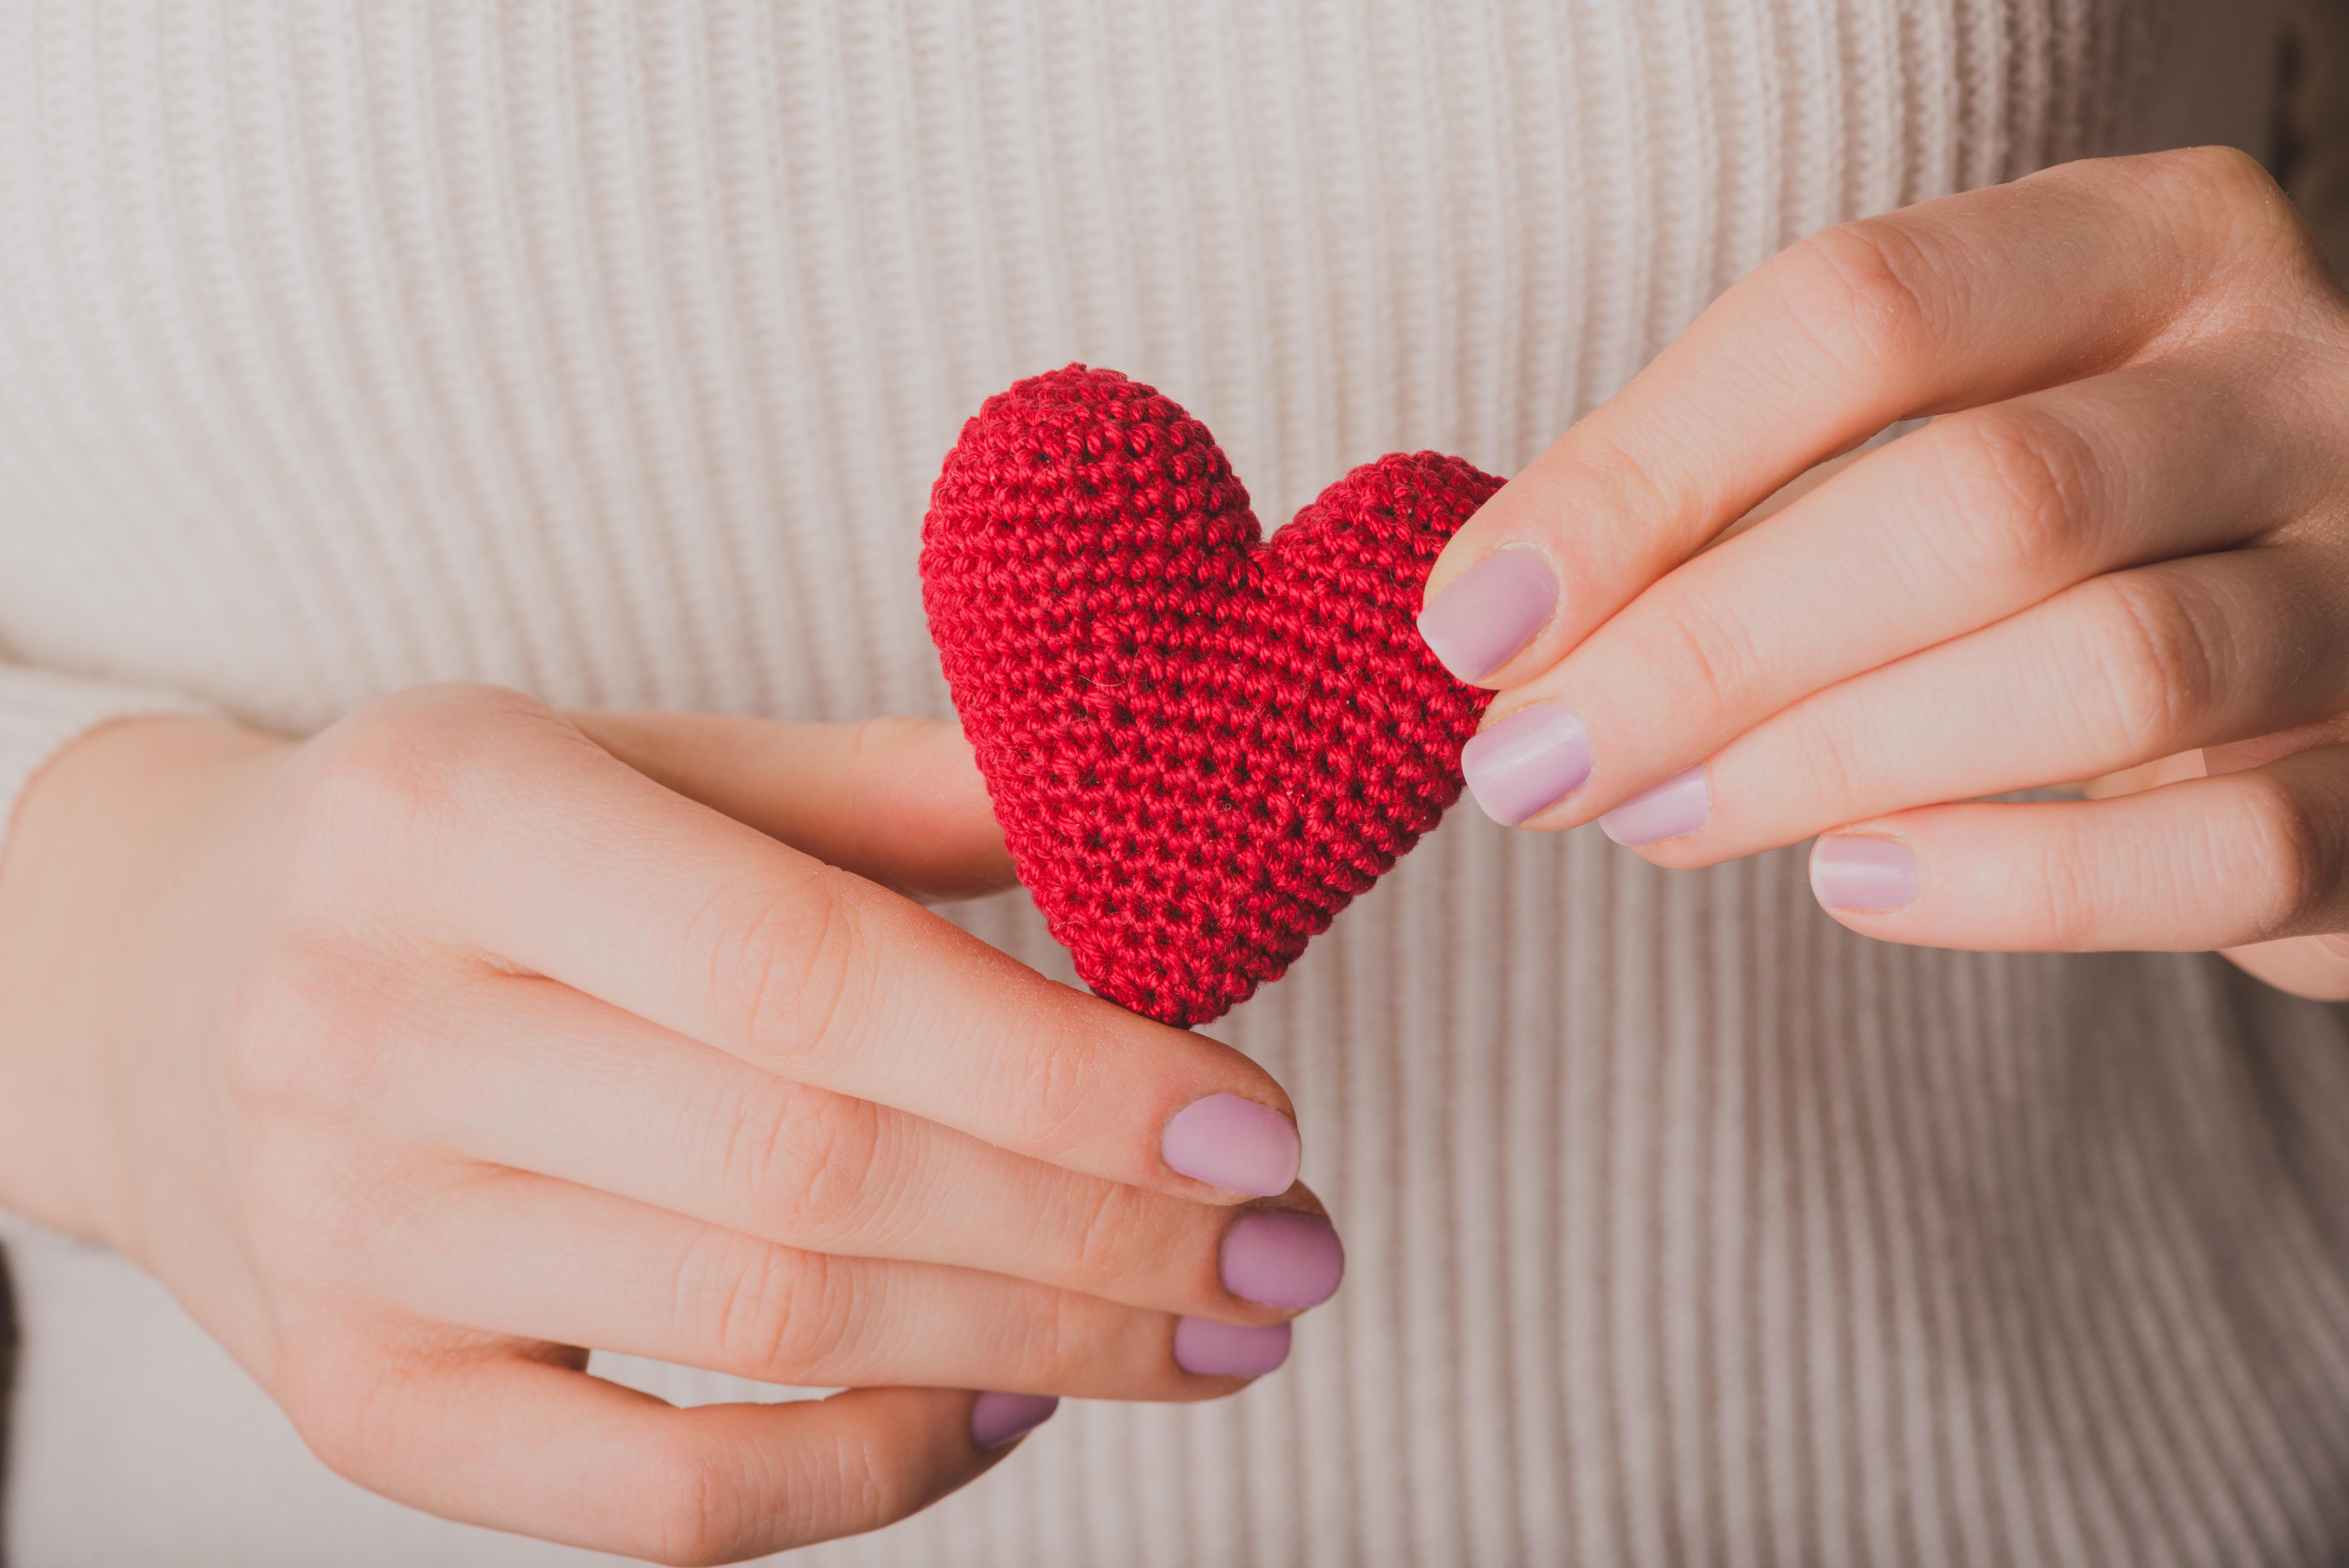 Фотографии День святого Валентина сердечко рука Крупным планом 6016x4016 День всех влюблённых серце Сердце сердца Руки вблизи